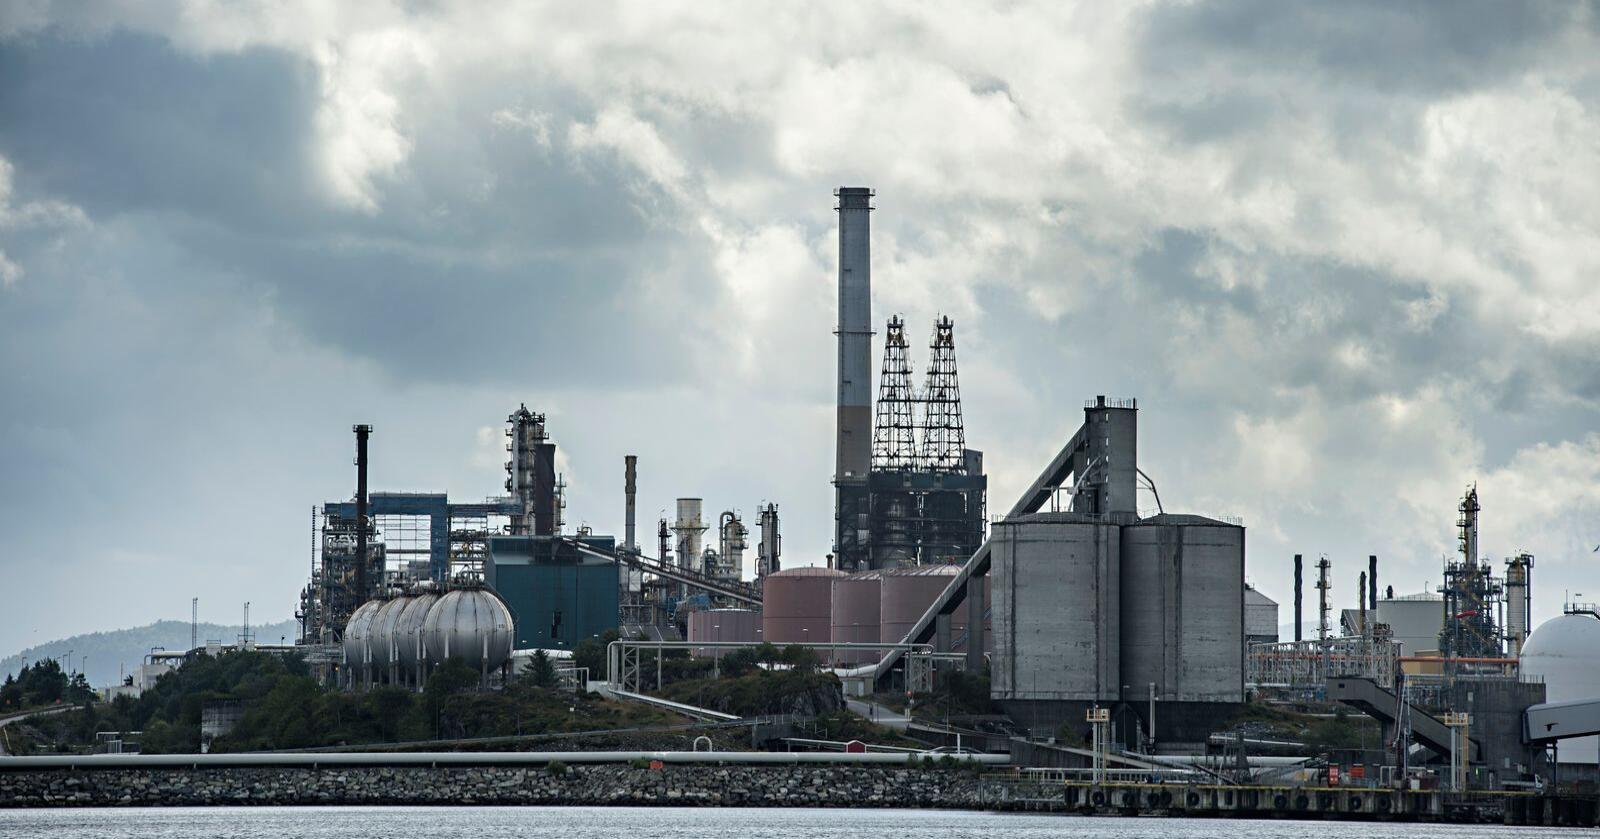 142 norske bedrifter er omfattet av EUs system for klimakvoter. I fjor gikk den totale utslippet ned med litt over to prosent, langt mindre enn EU. Bildet viser oljeraffineriet på Mongstad i Nordhordland. Arkivfoto: Marit Hommedal / NTB scanpix